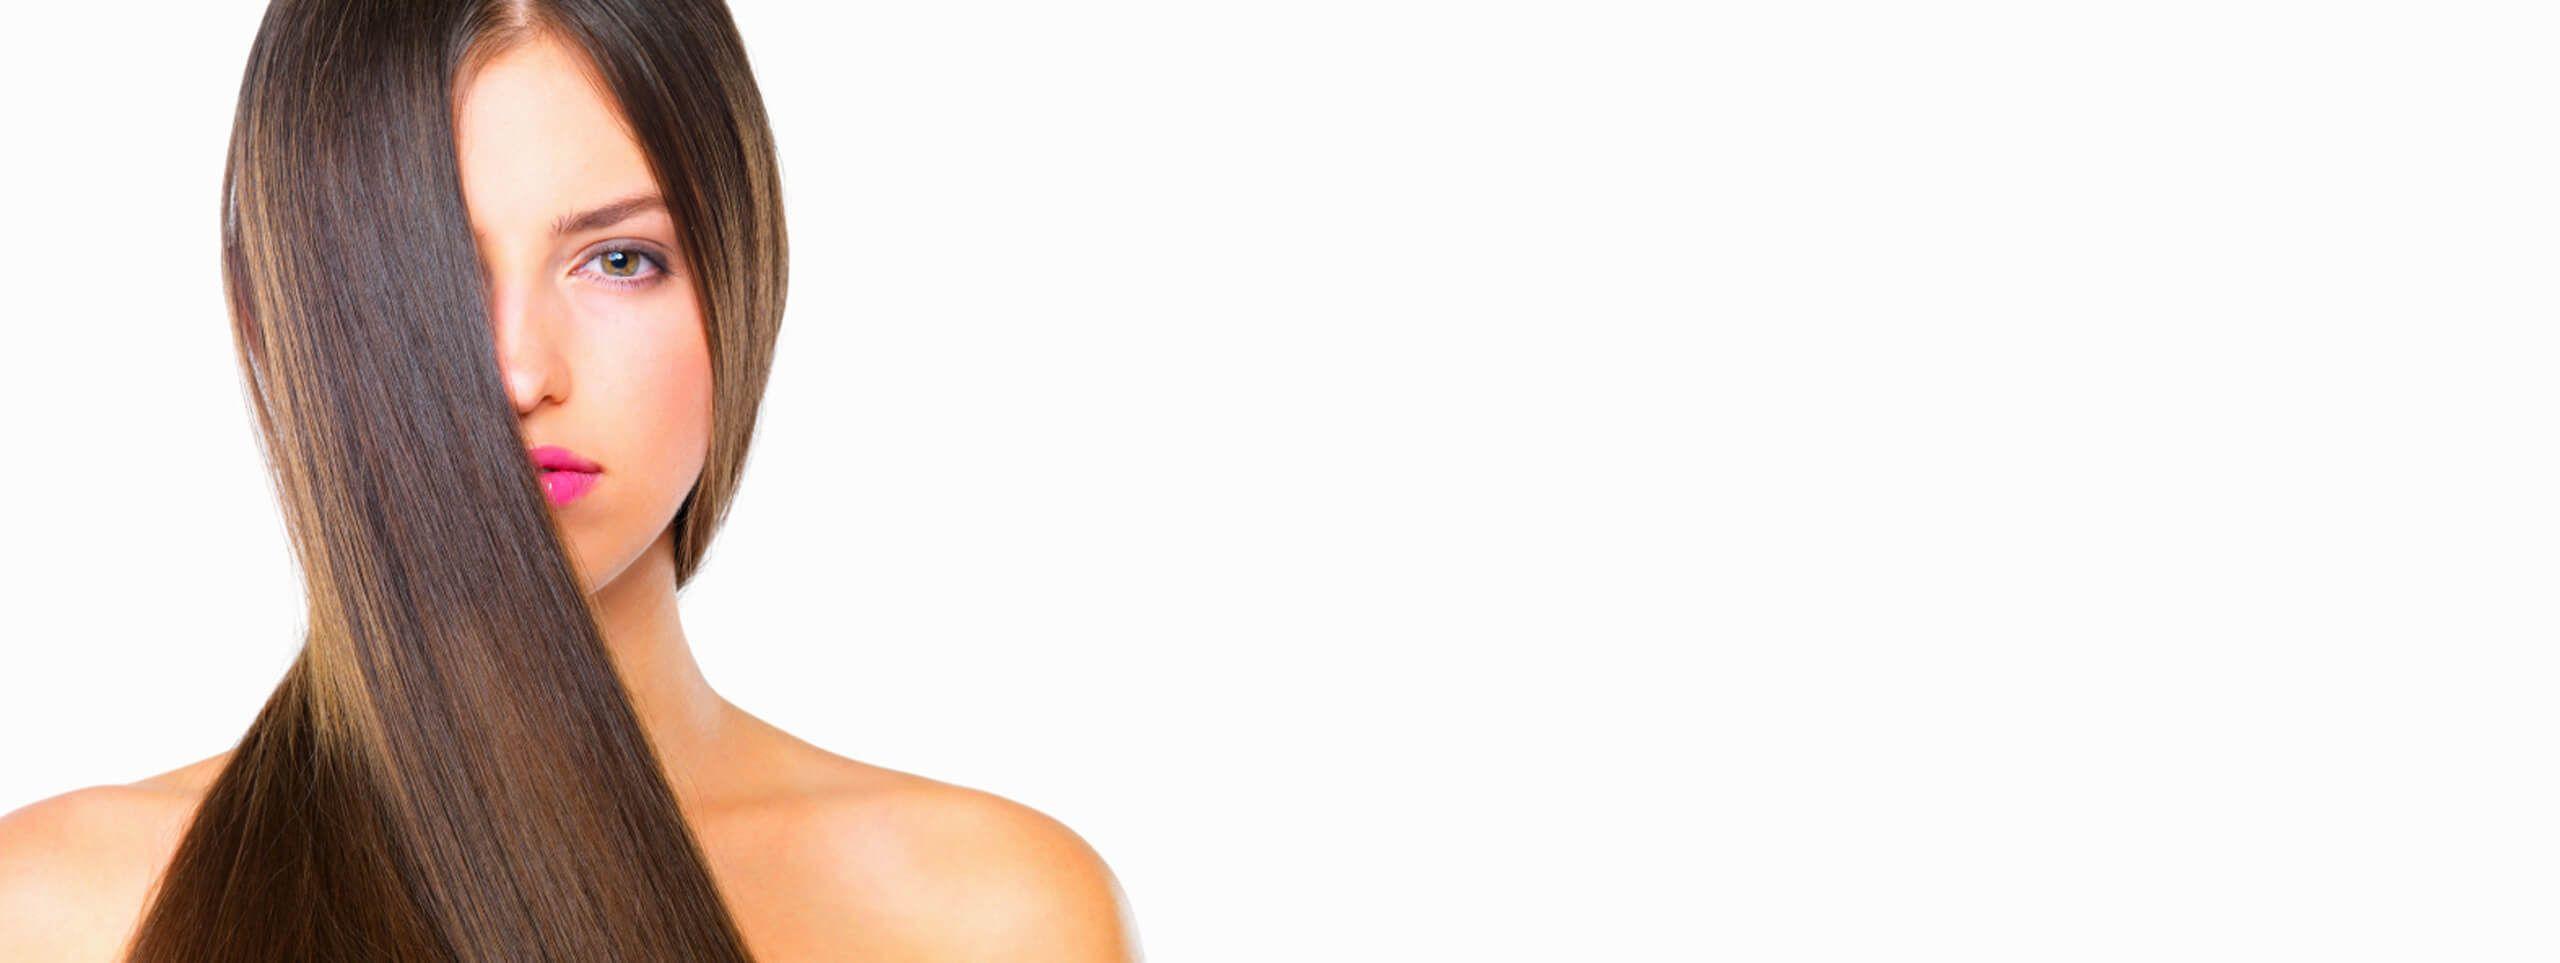 Modelo con cabello liso y brillante color pelo castaño